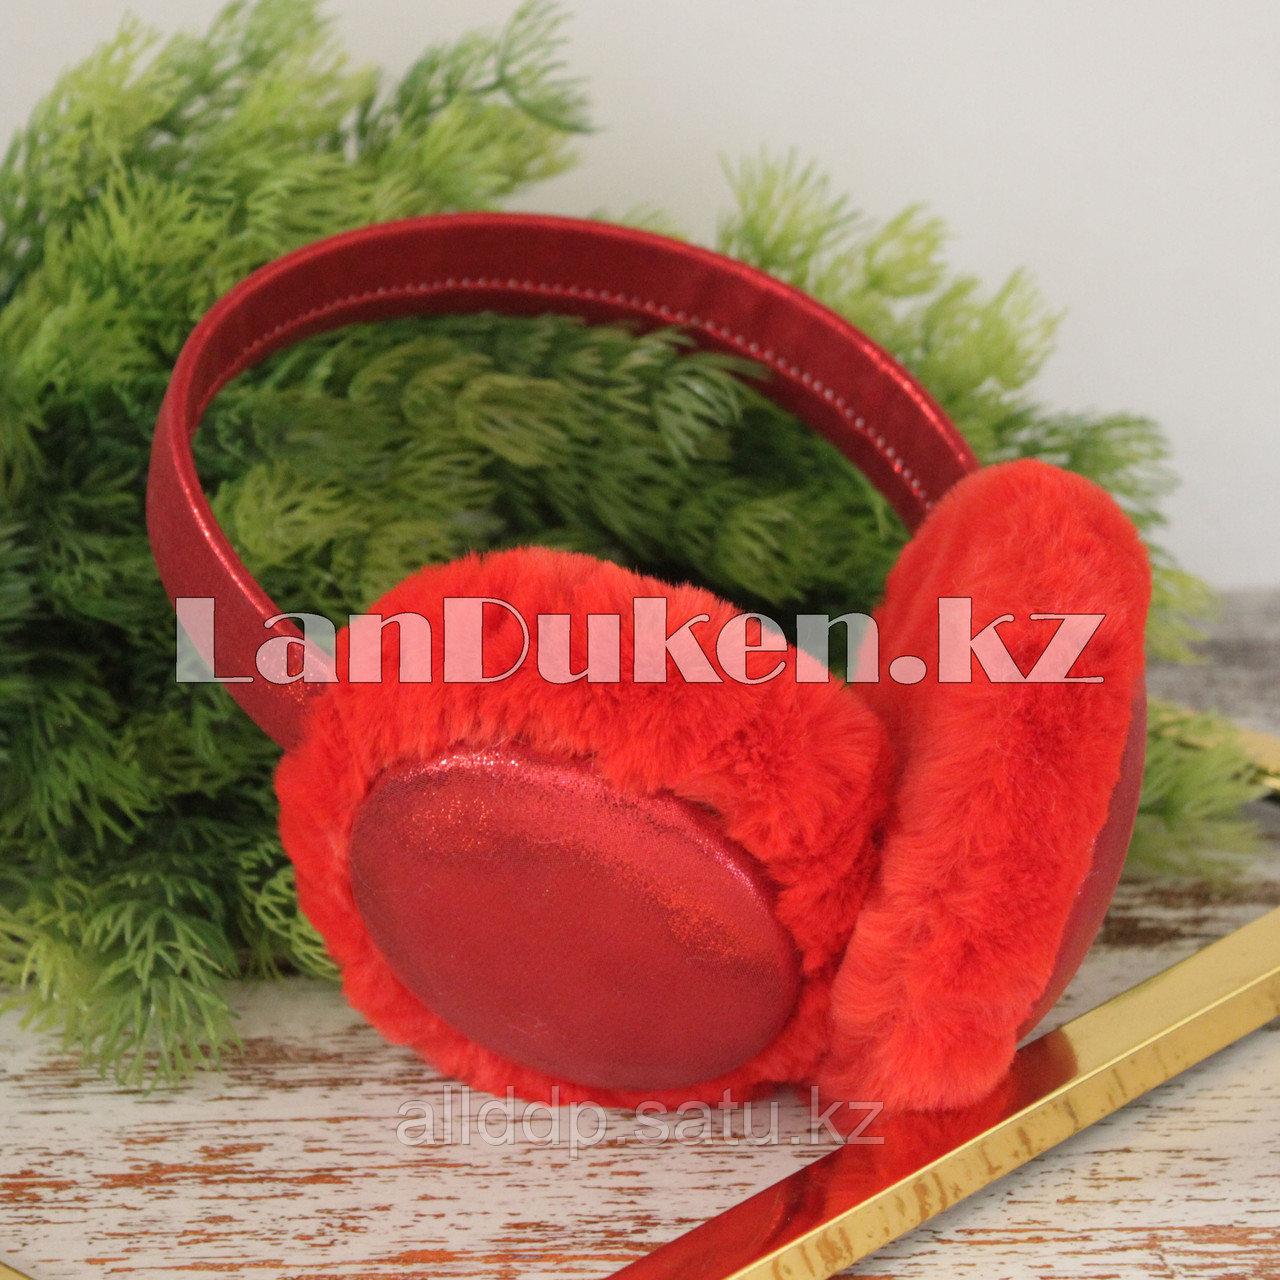 Меховые наушники с переливающейся тканью 18815-6 красные